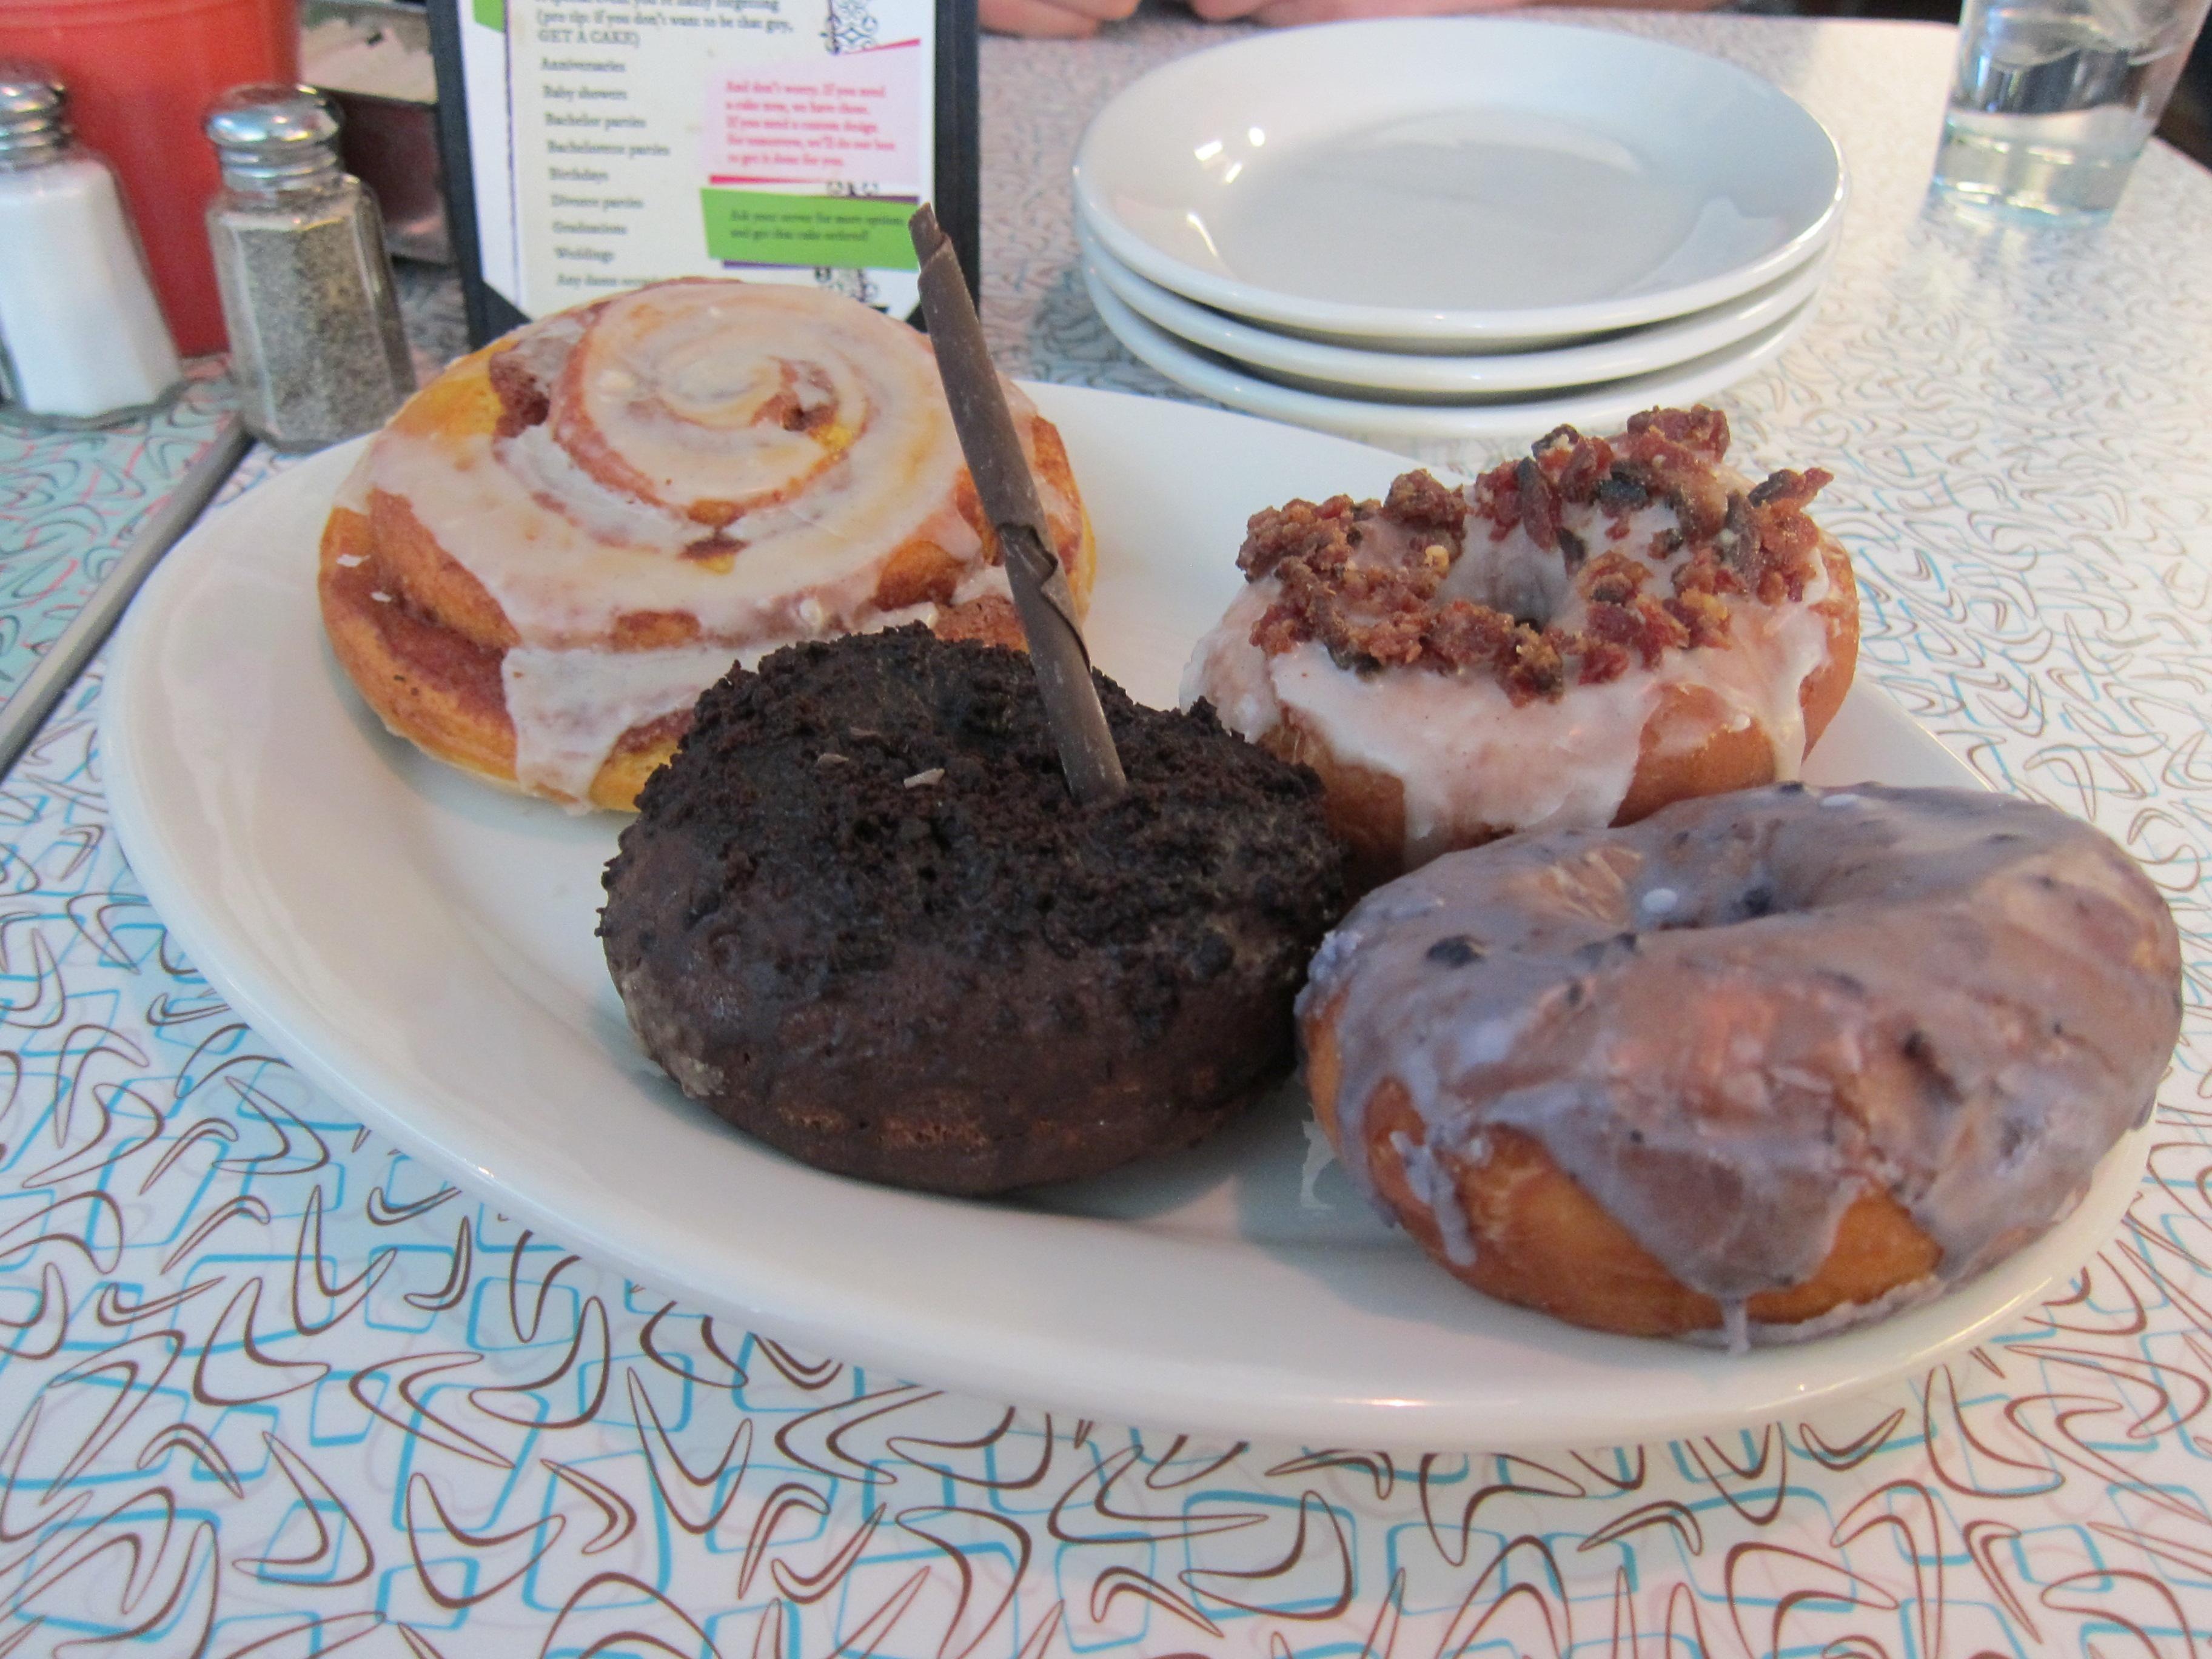 Bleeding heart bakery chicago chicago pinterest bakery